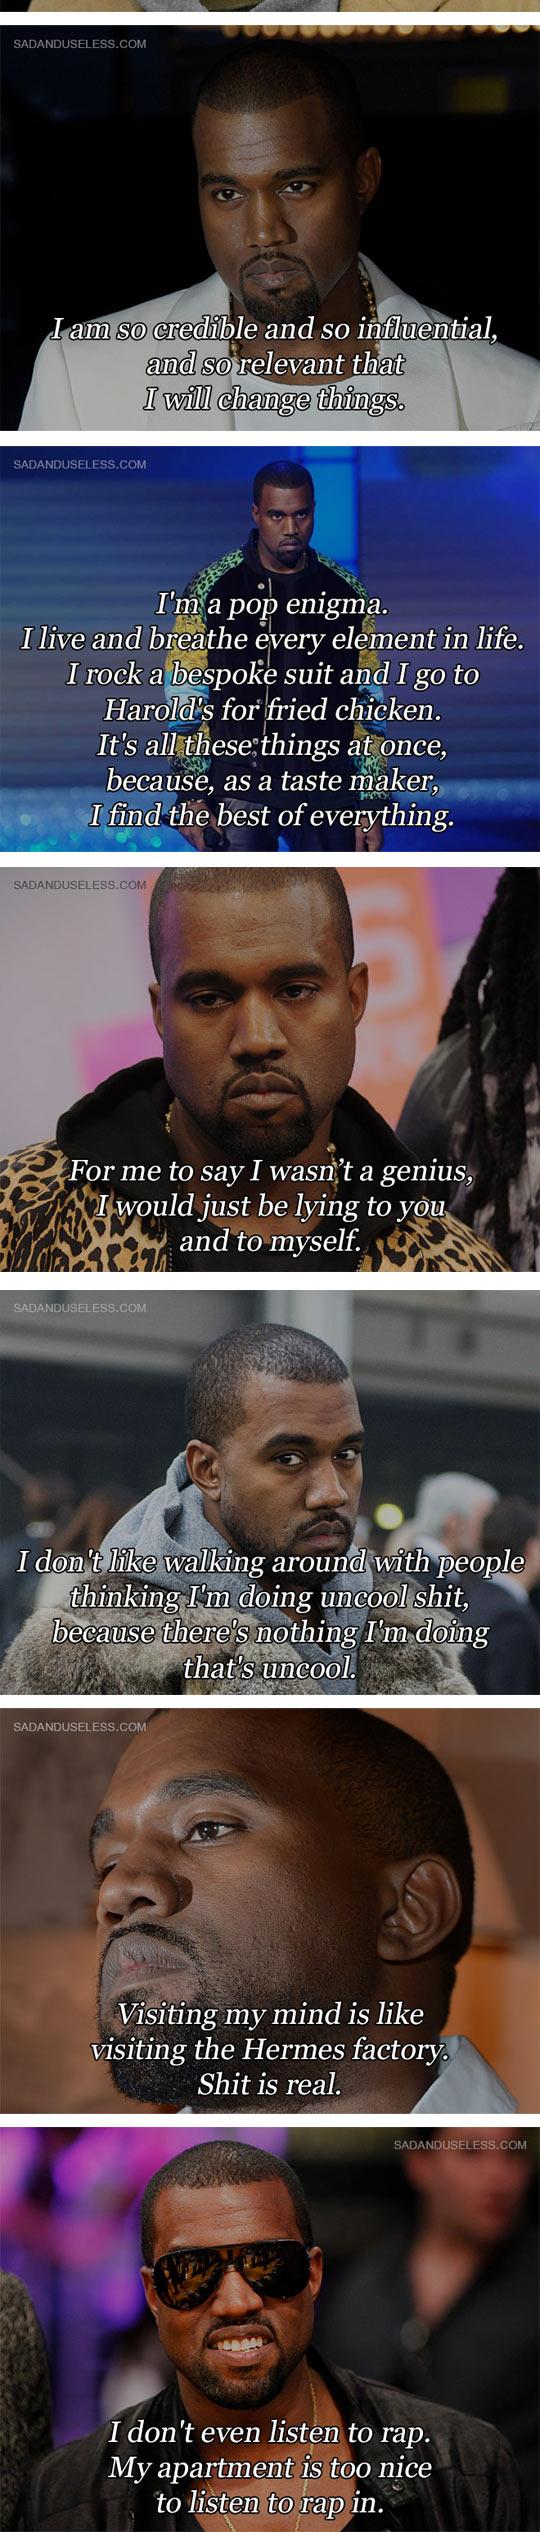 Some Kanye West Quotes Kanye West Quotes Kanye West Funny Kanye West